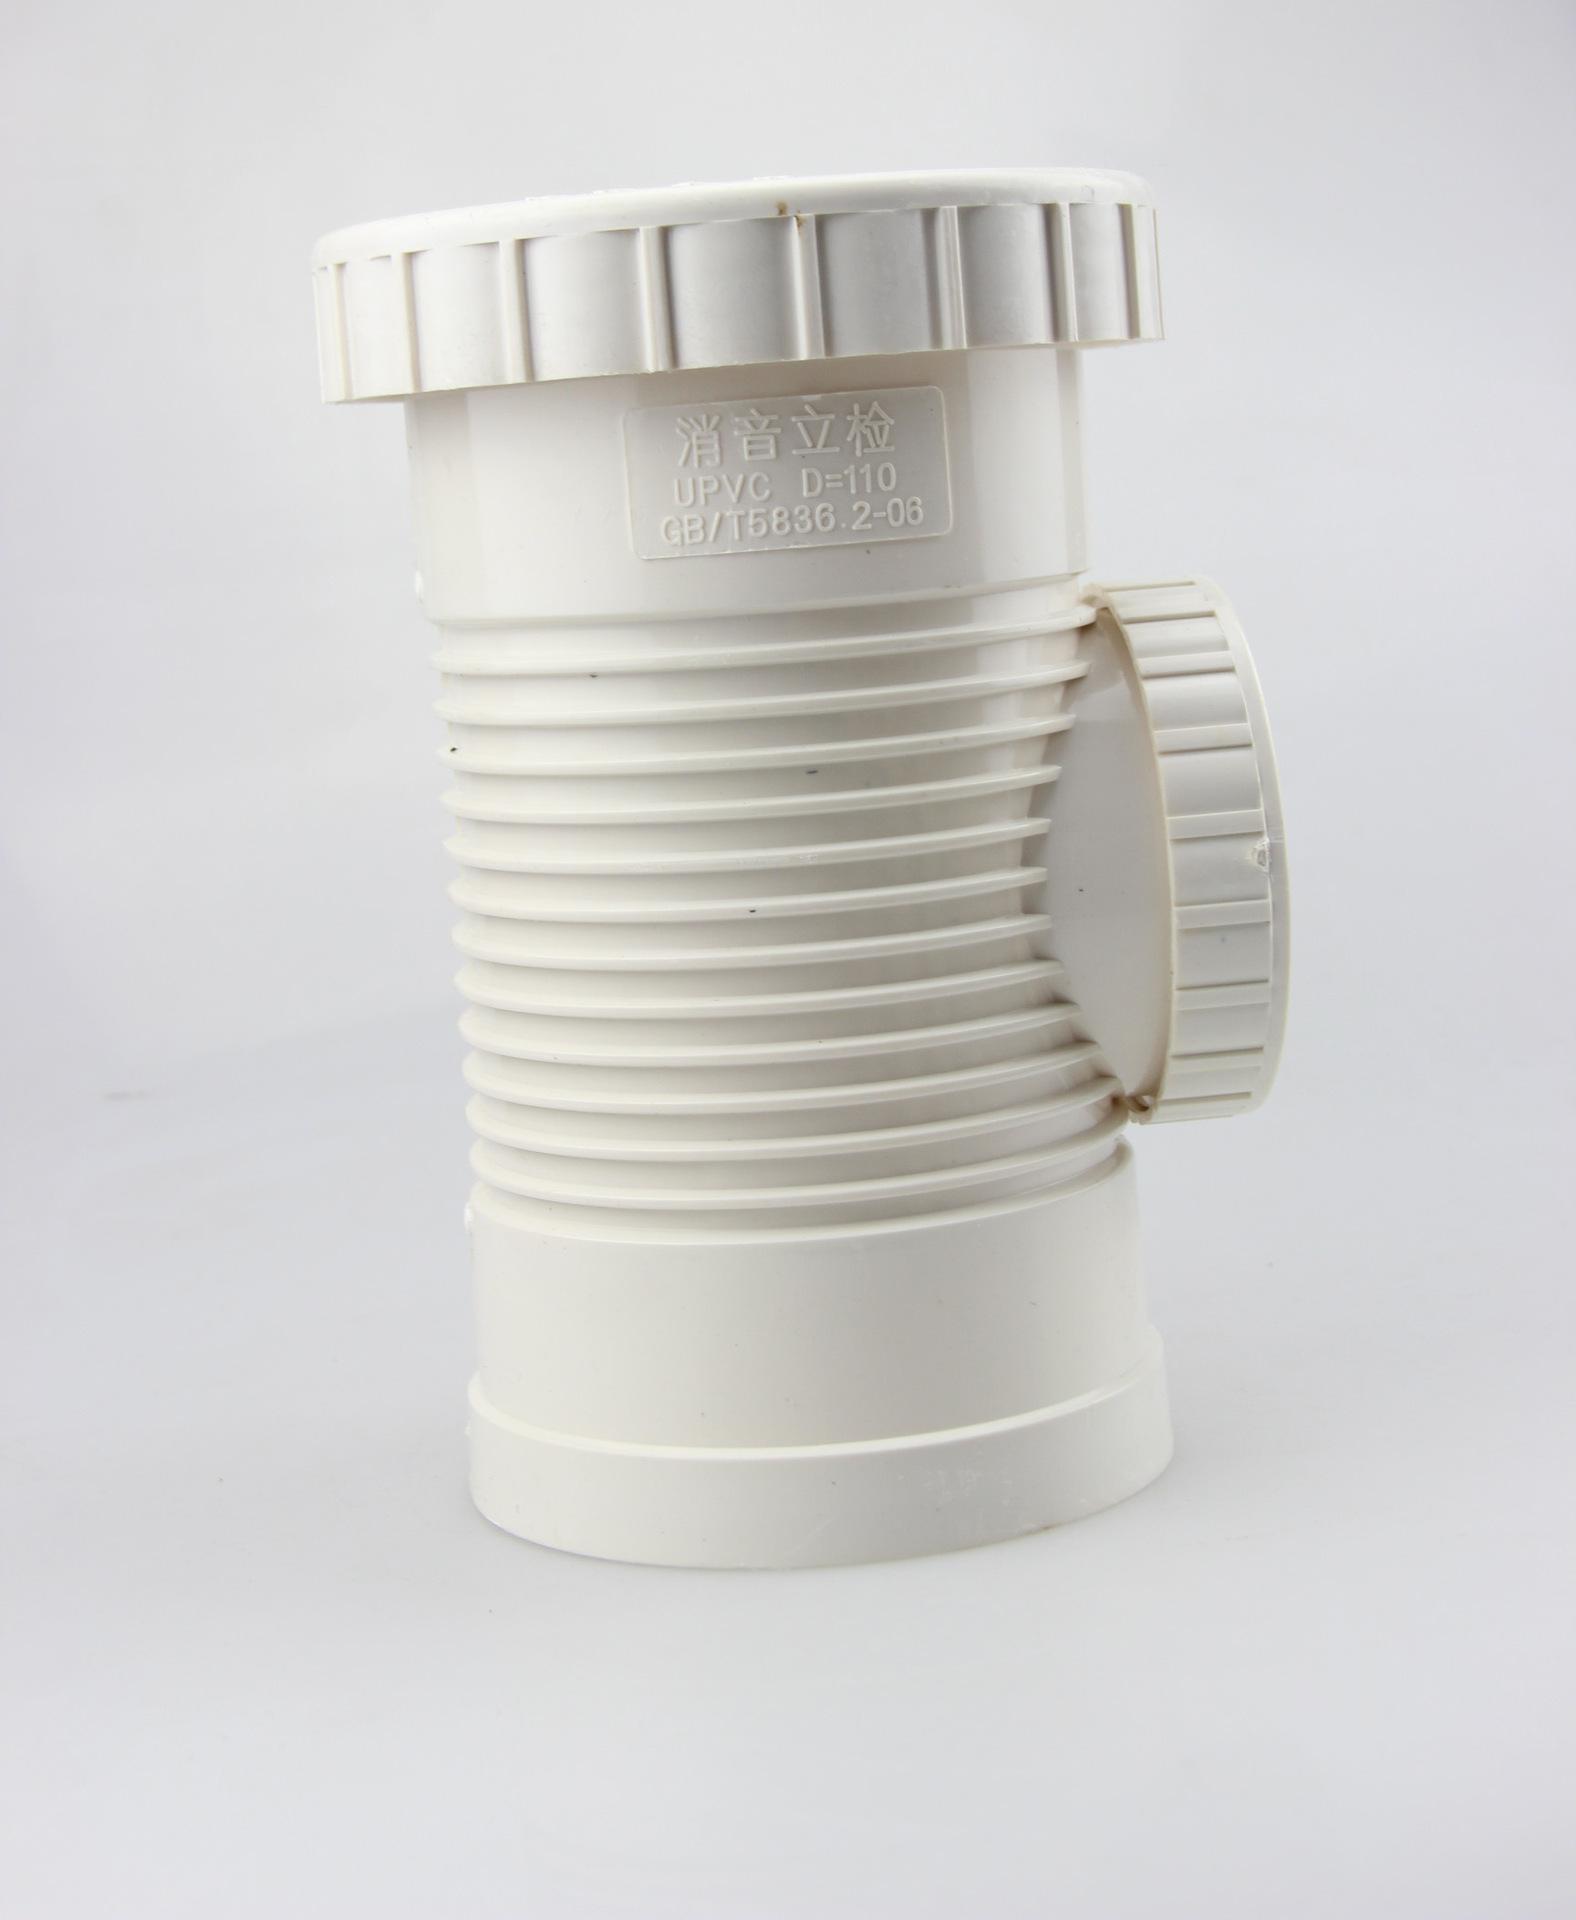 弯头 销售PVC单螺消音立检 pvc消音管件 优质pvc消音管件 弯头尽在阿